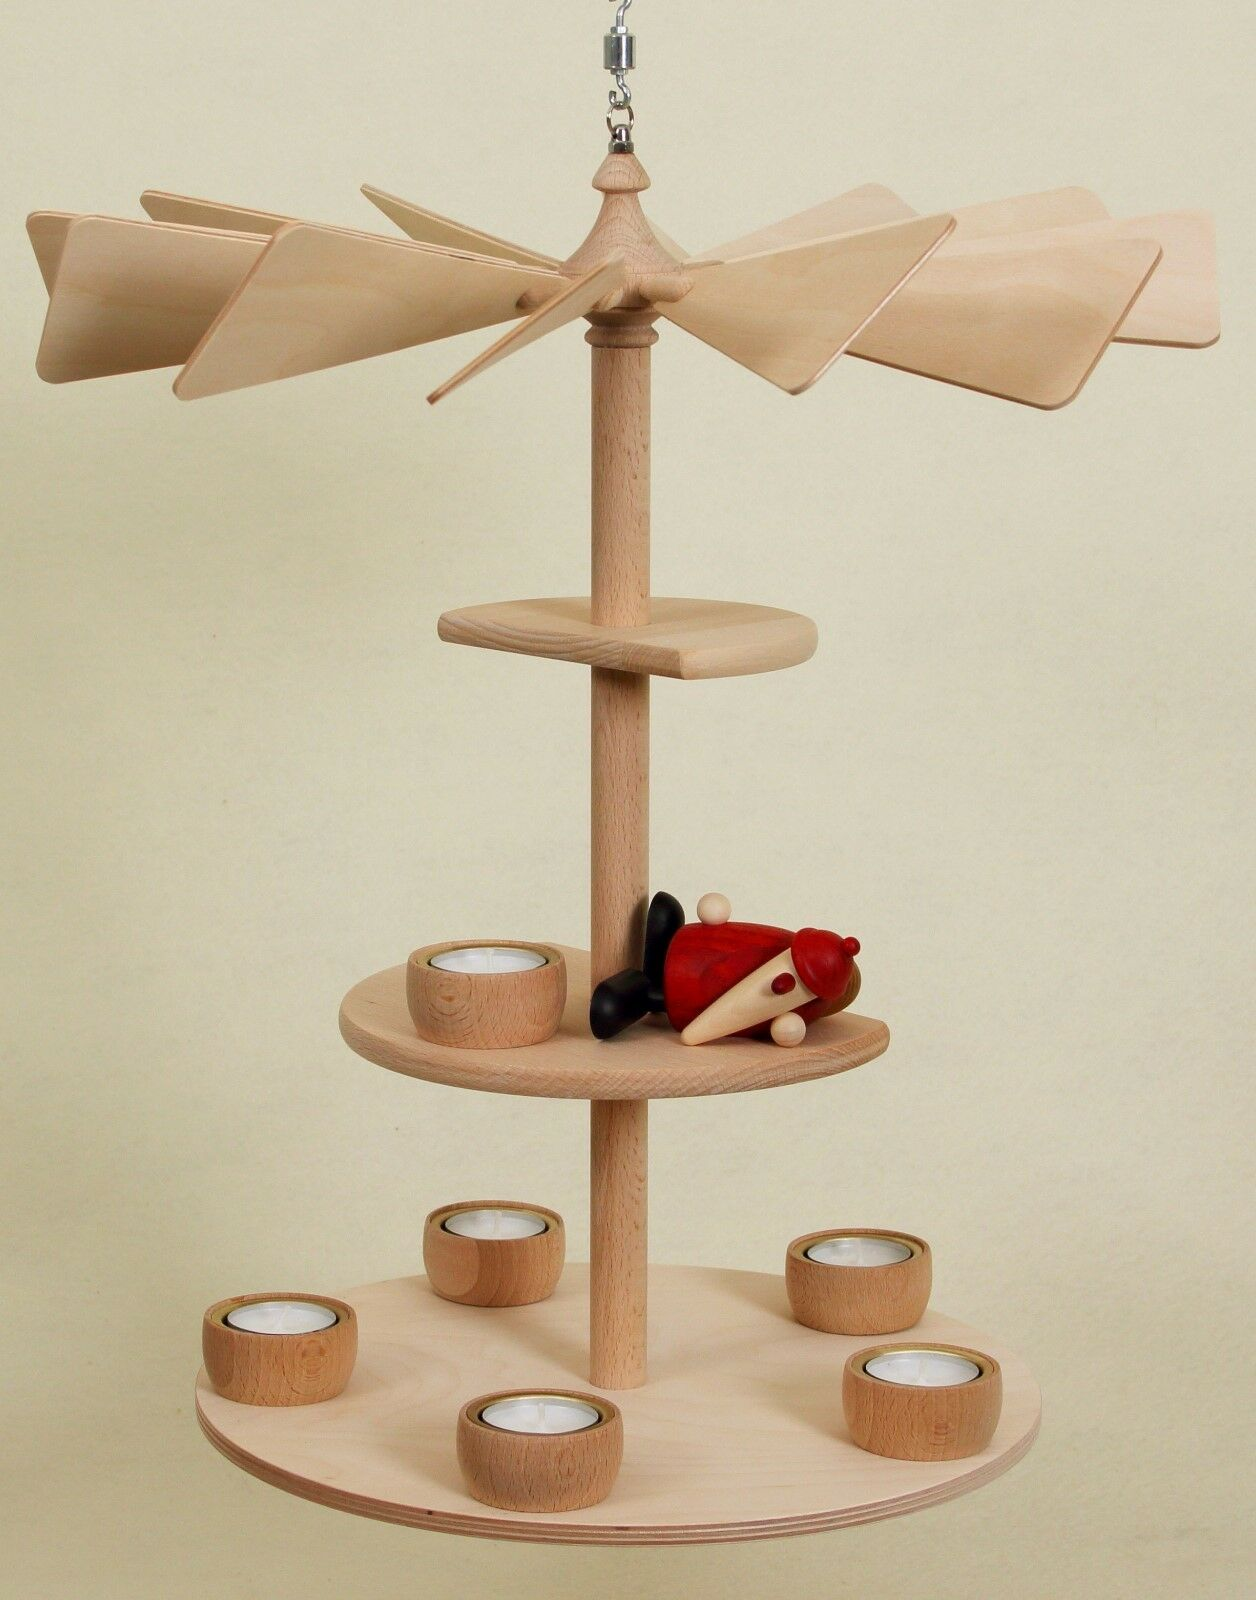 Björn Köhler Weihnachtsmann liegend mit Weihnachtspyramide v. fensterpyramide